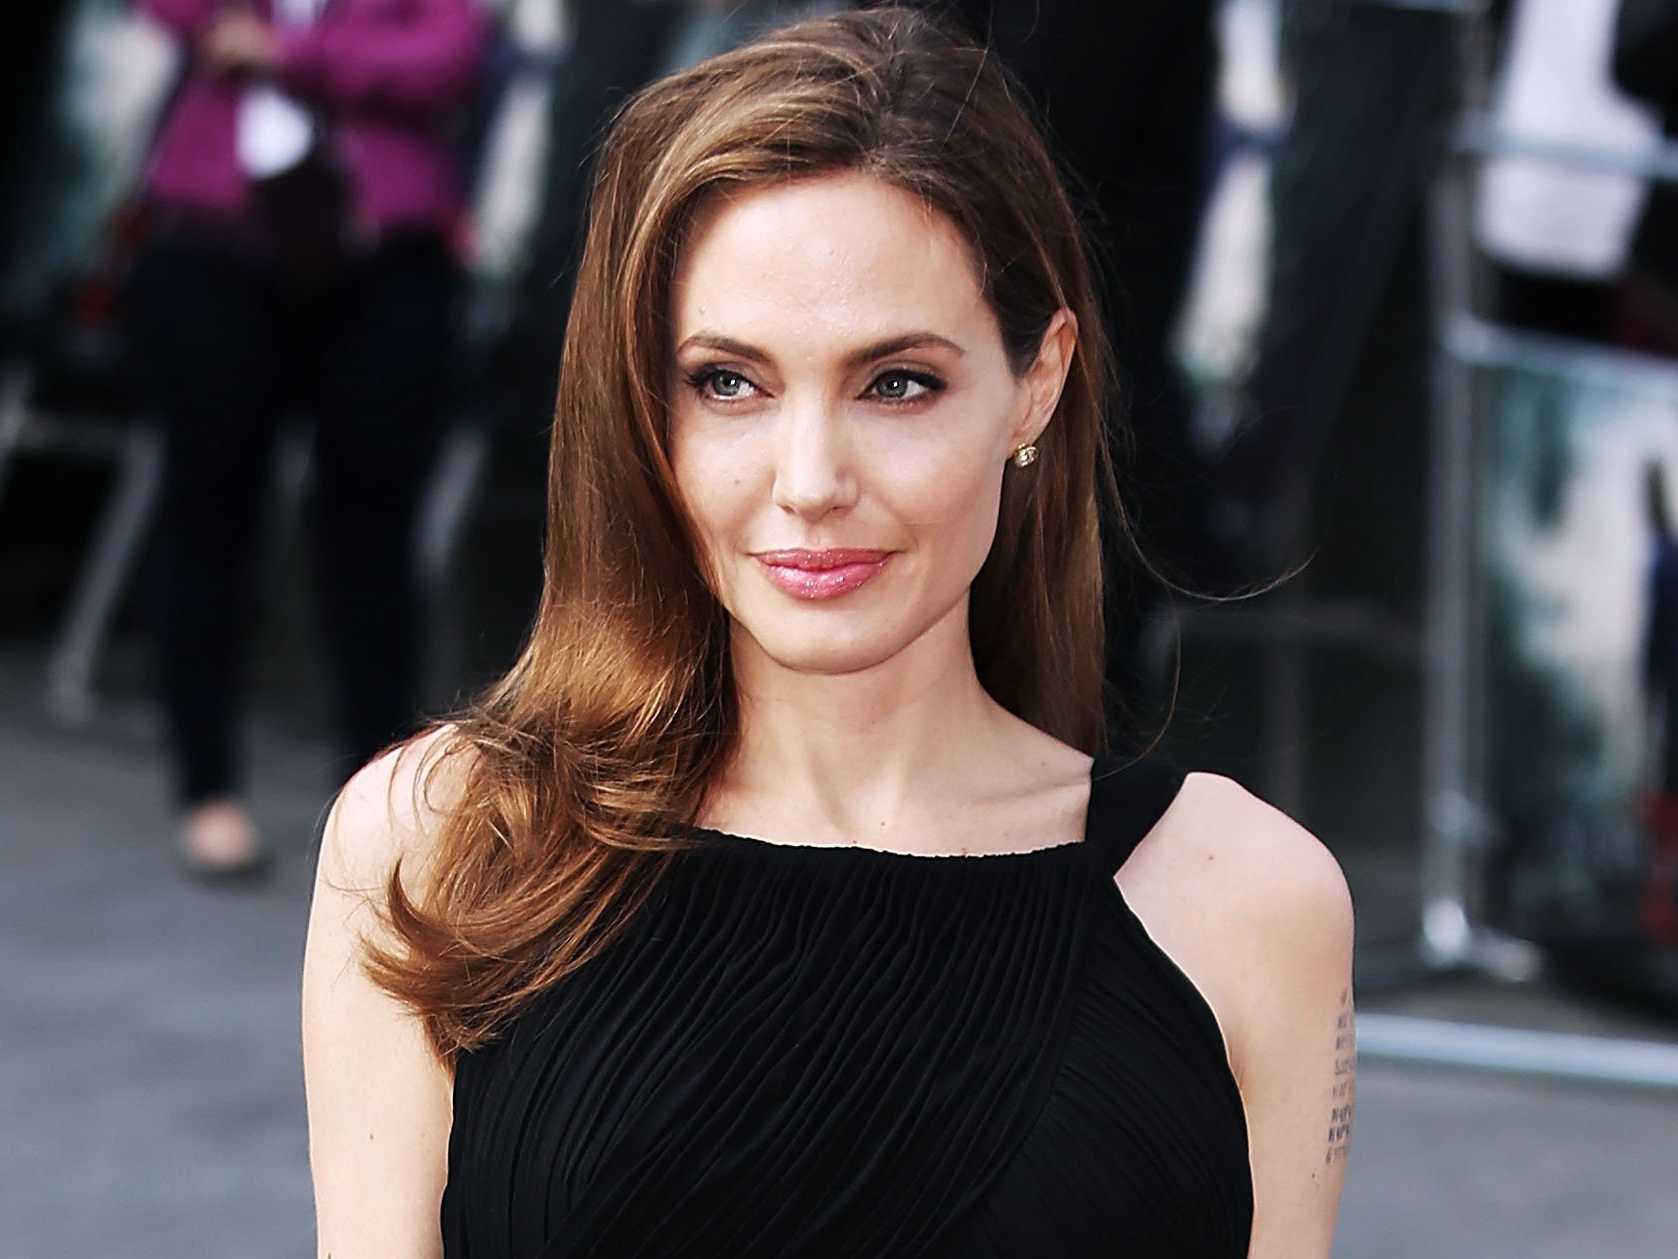 Angelina Jolie protagonizará y producirá el thriller The Kept basado en la novela homónima